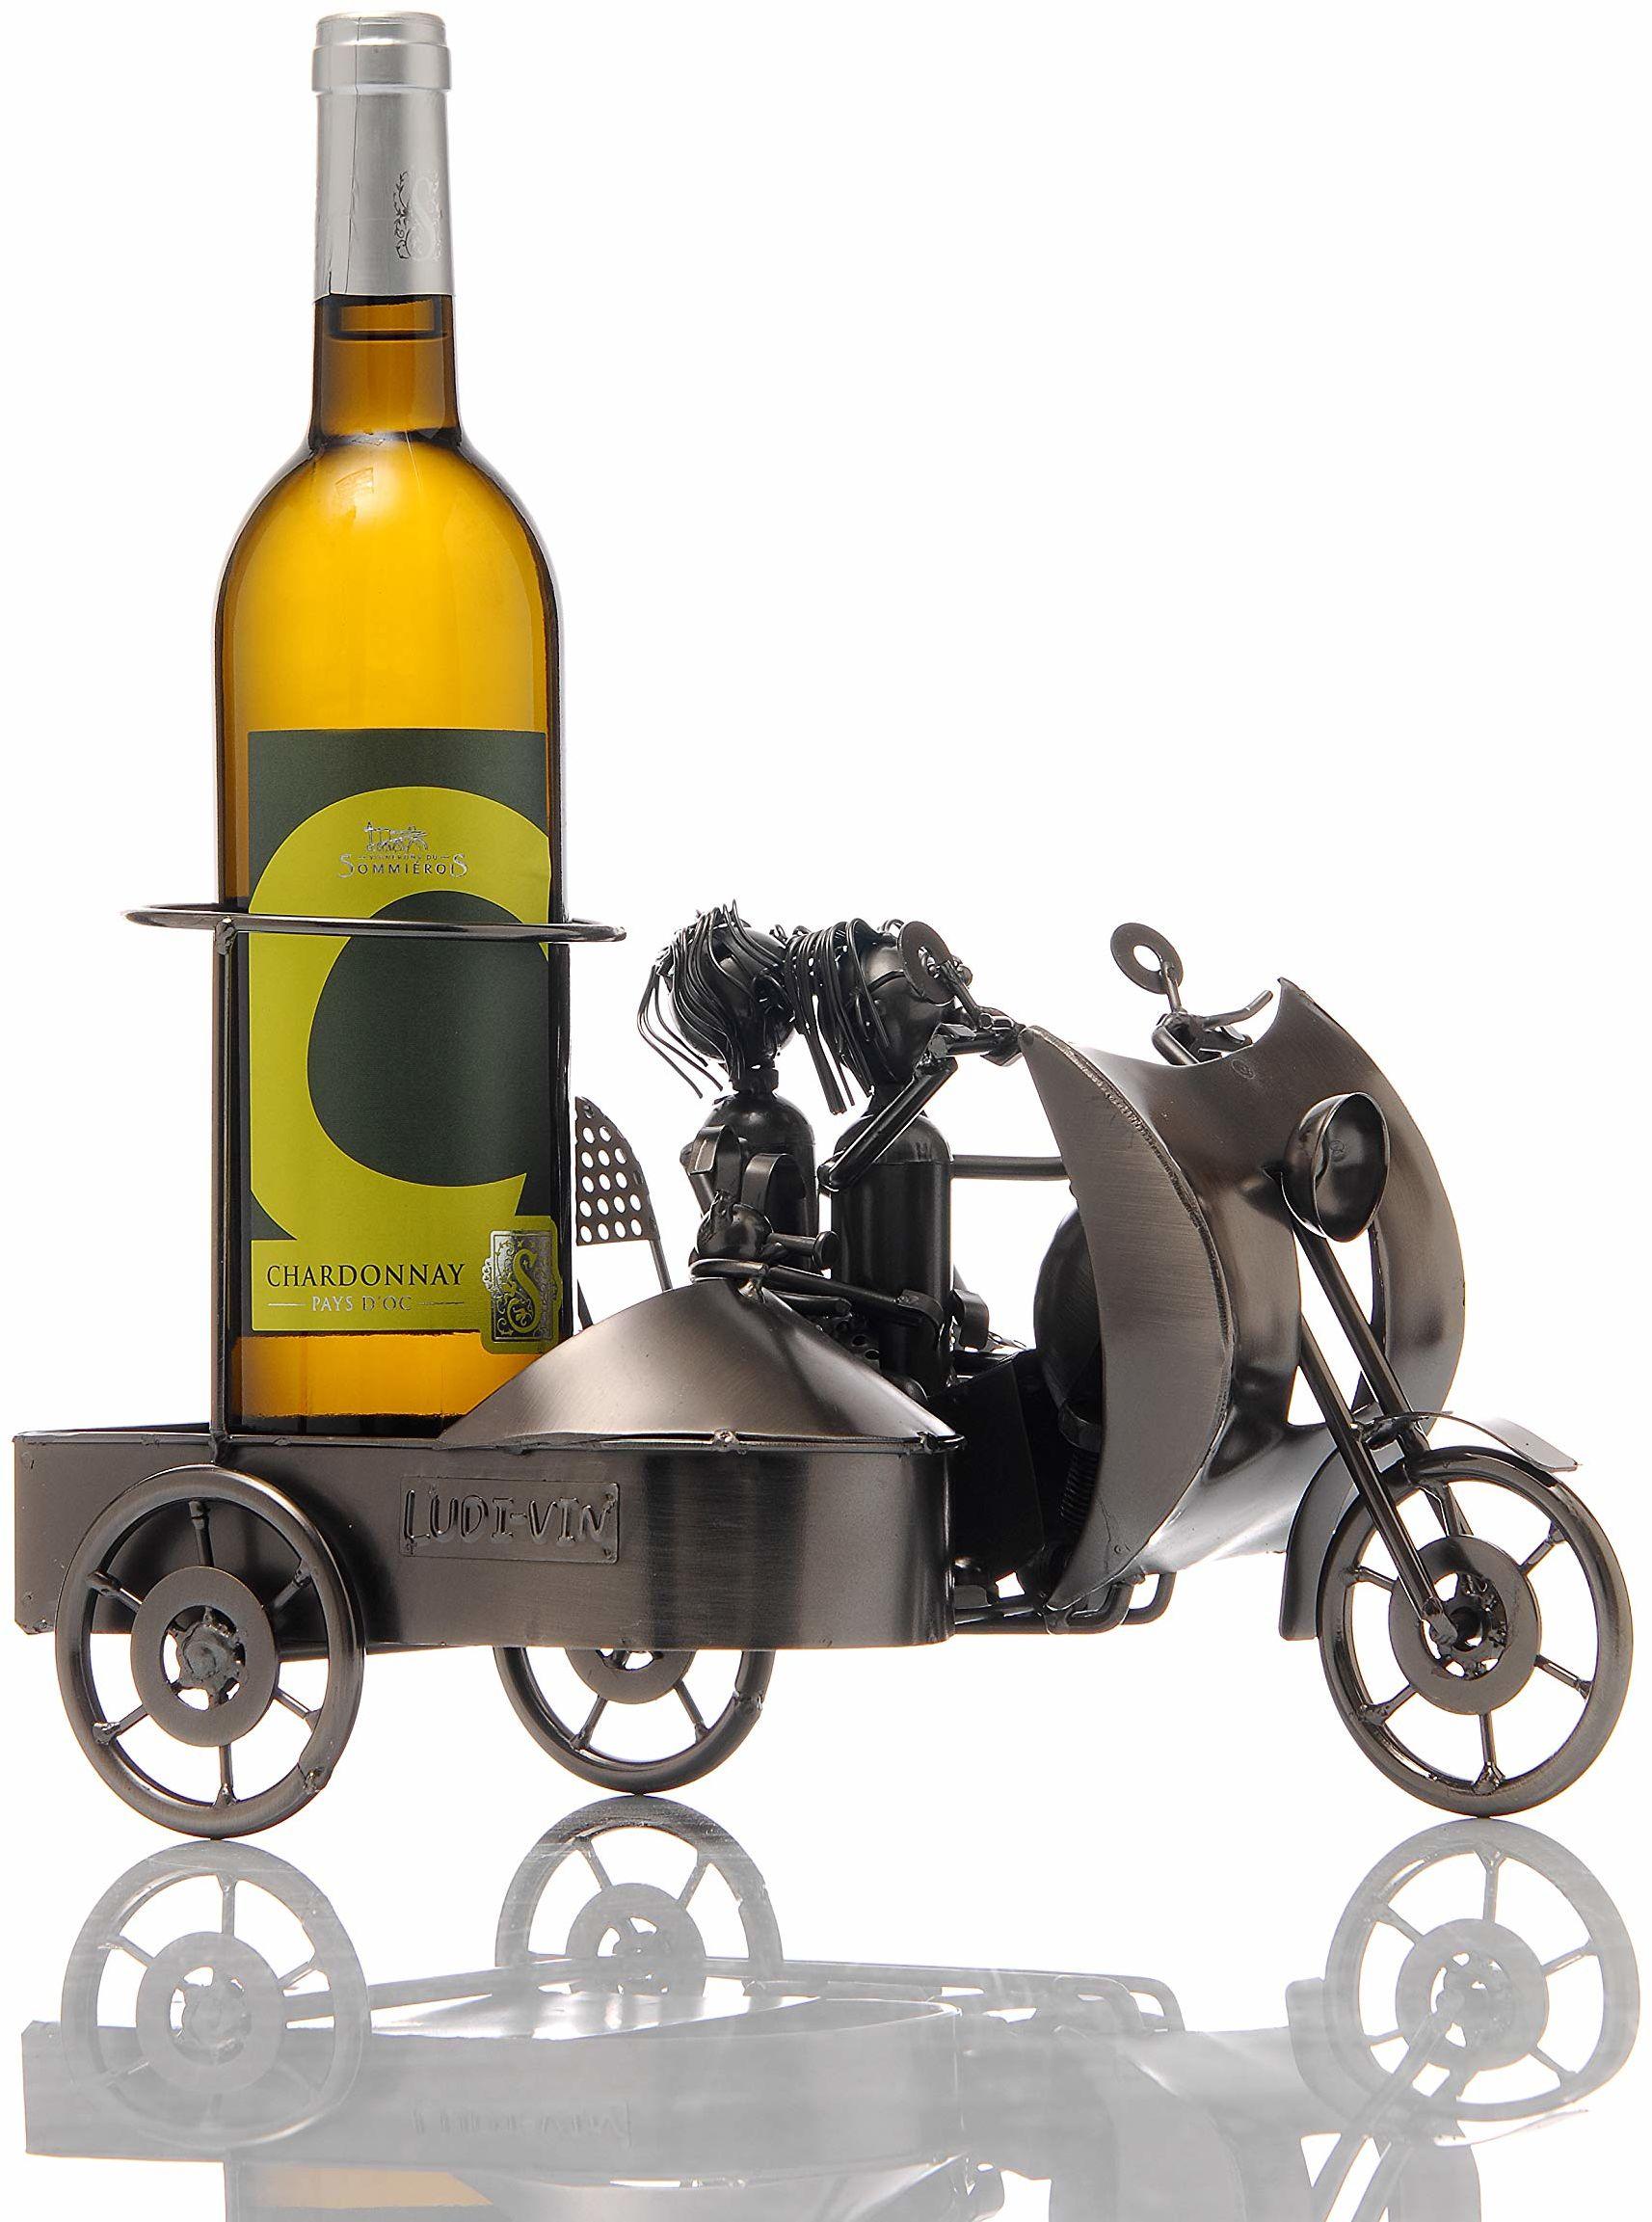 ludi-vin 5060388470487 metalowy uchwyt na butelki 31 x 20 x 18,5 cm